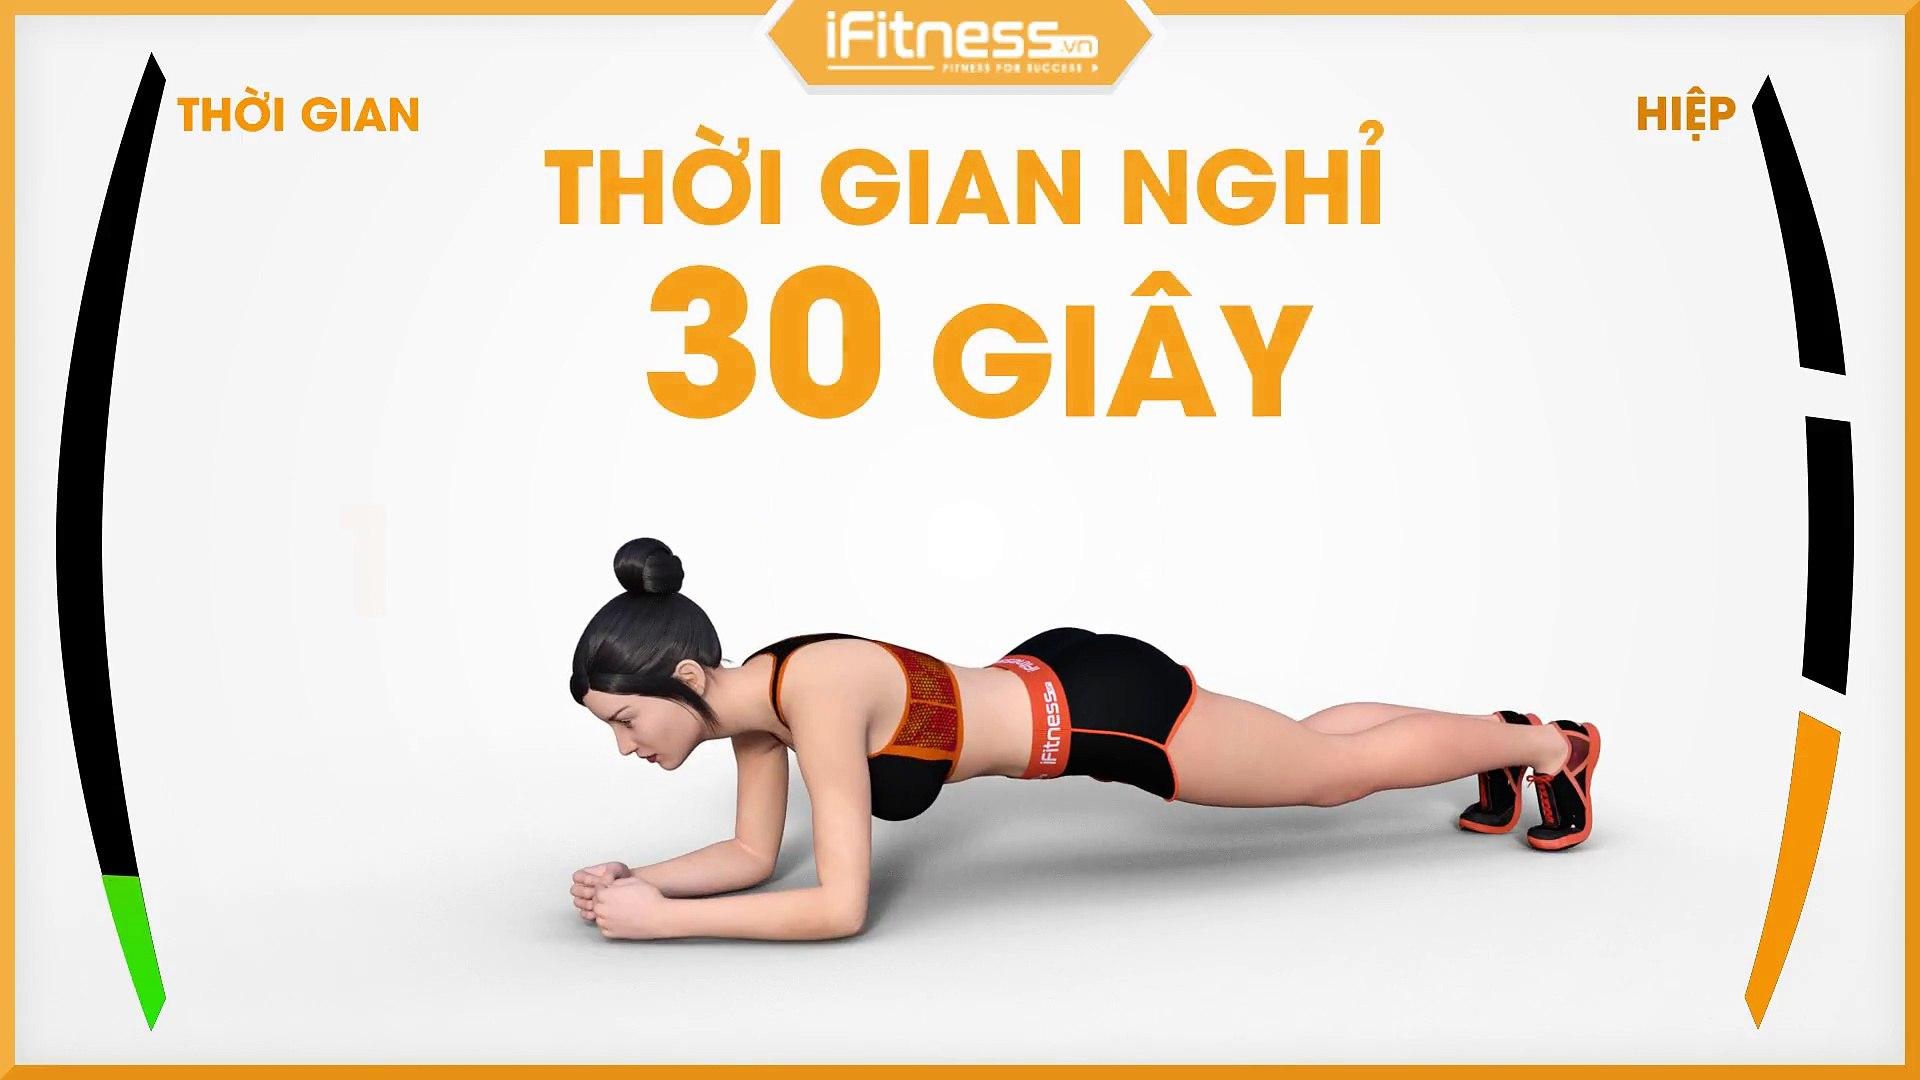 Plank To Push Up   Bài tập cho cơ bụng và vai   iFitness.vn